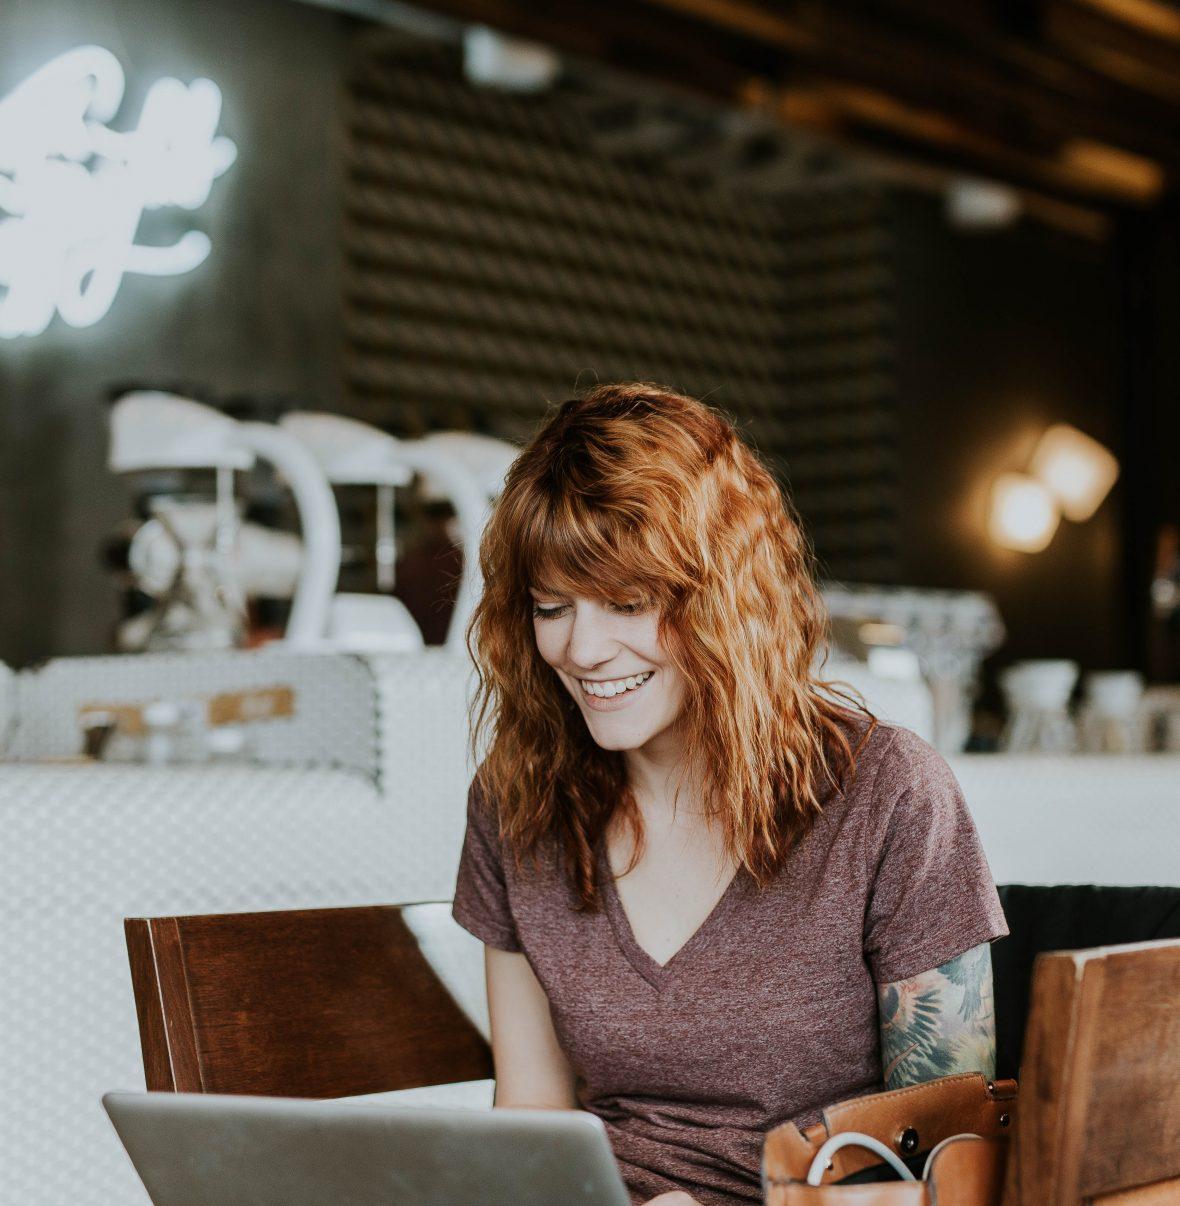 mulher a sorrir em frente a um mac